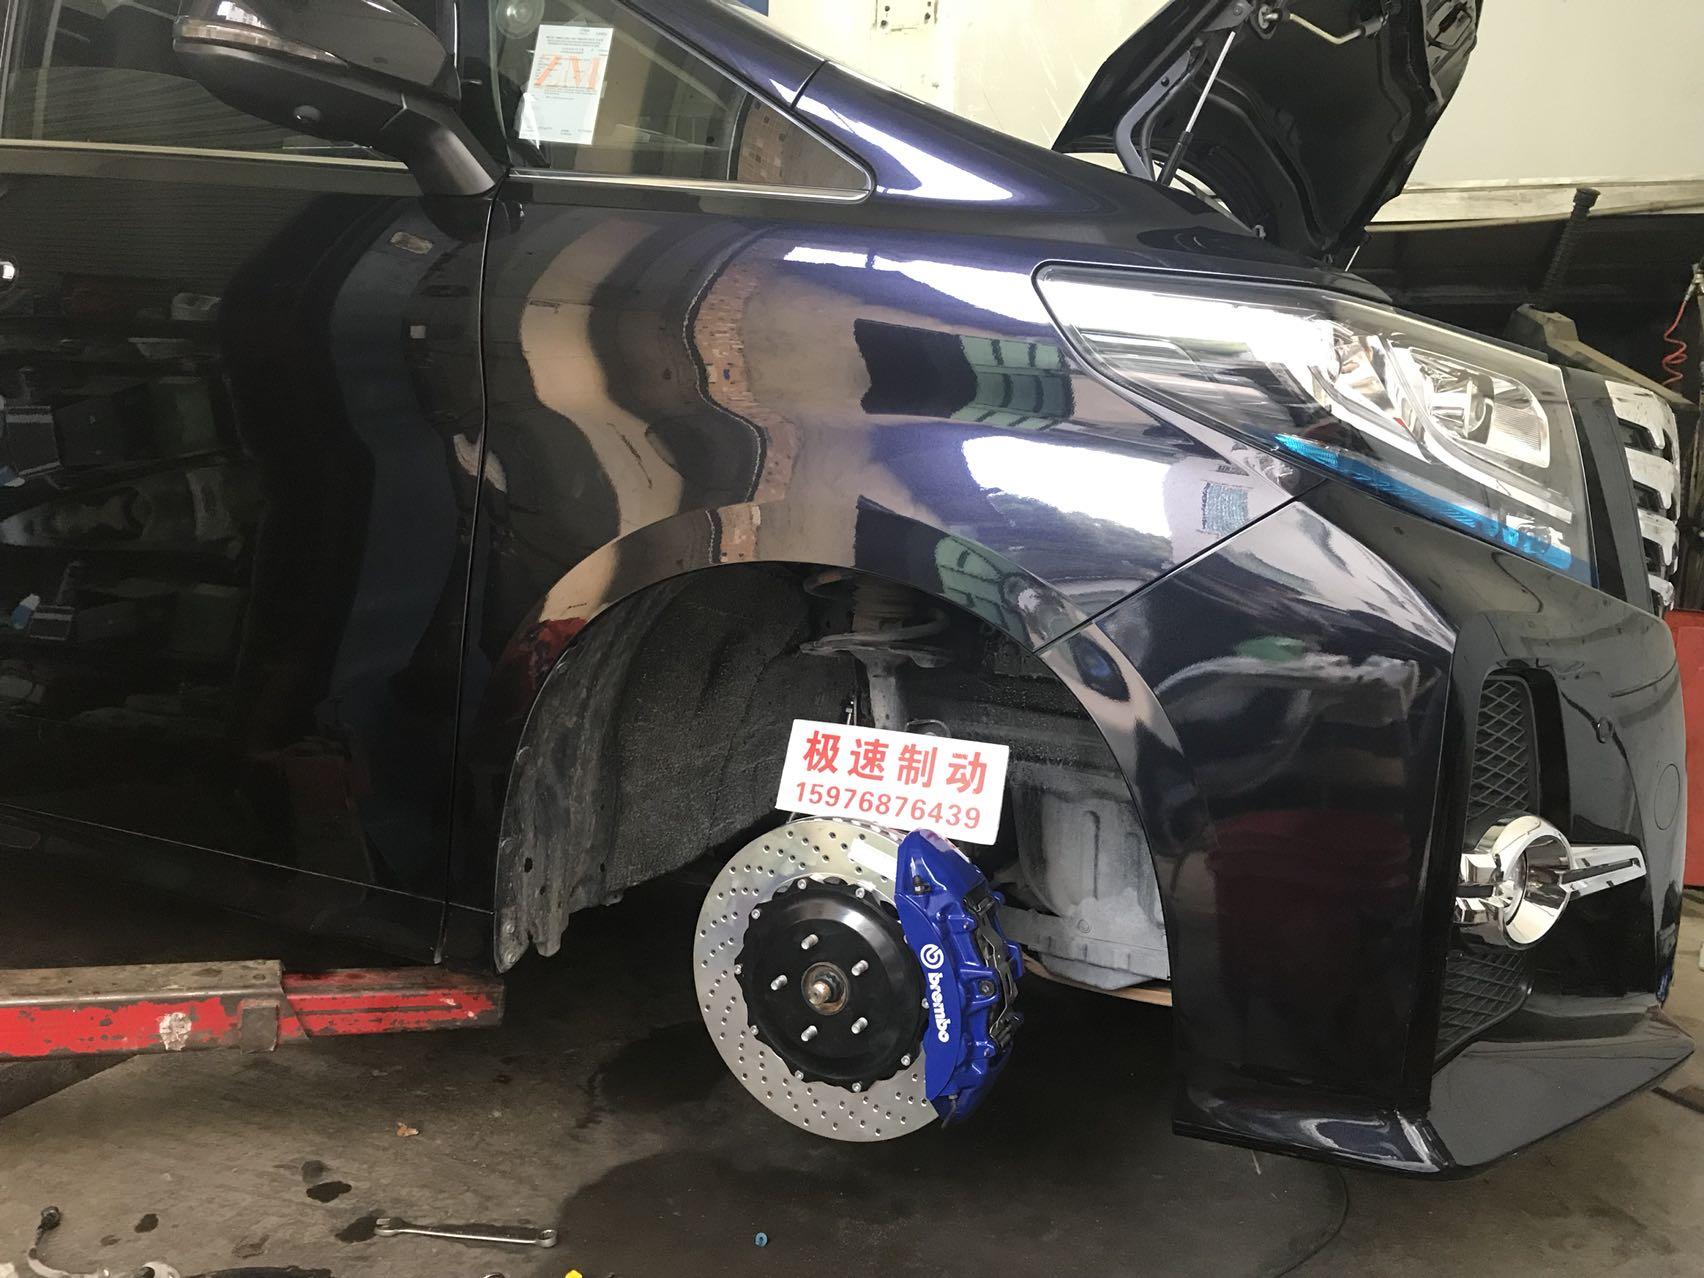 丰田埃尔法刹车升级前轮Brembo V6大六刹车套件后轮一对加大盘,饱满帅气制动